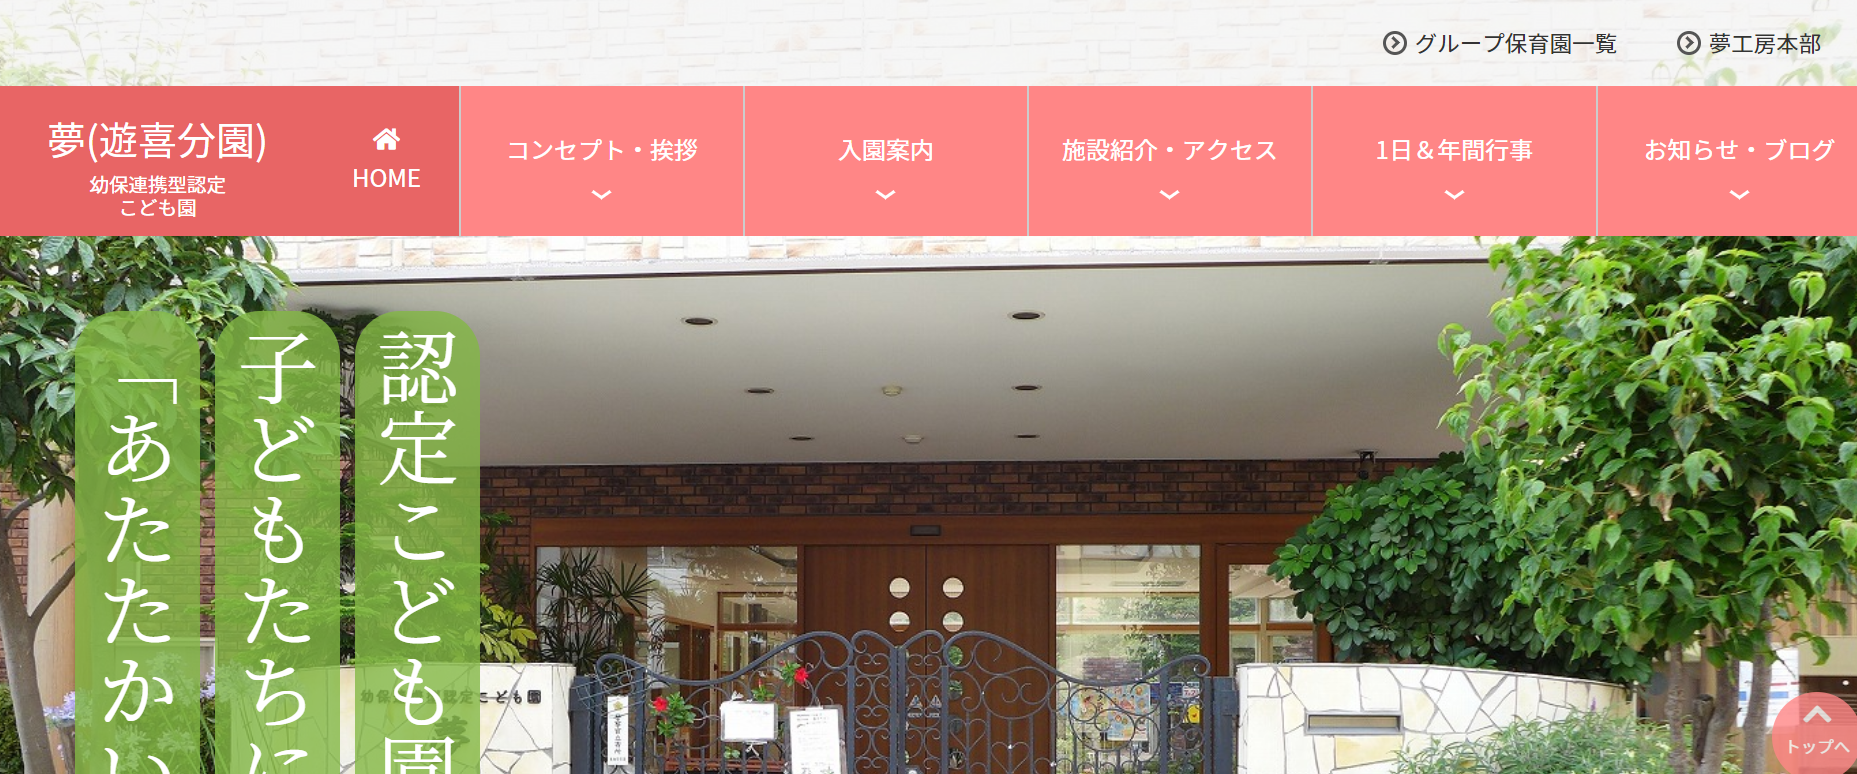 夢 (遊喜分園)